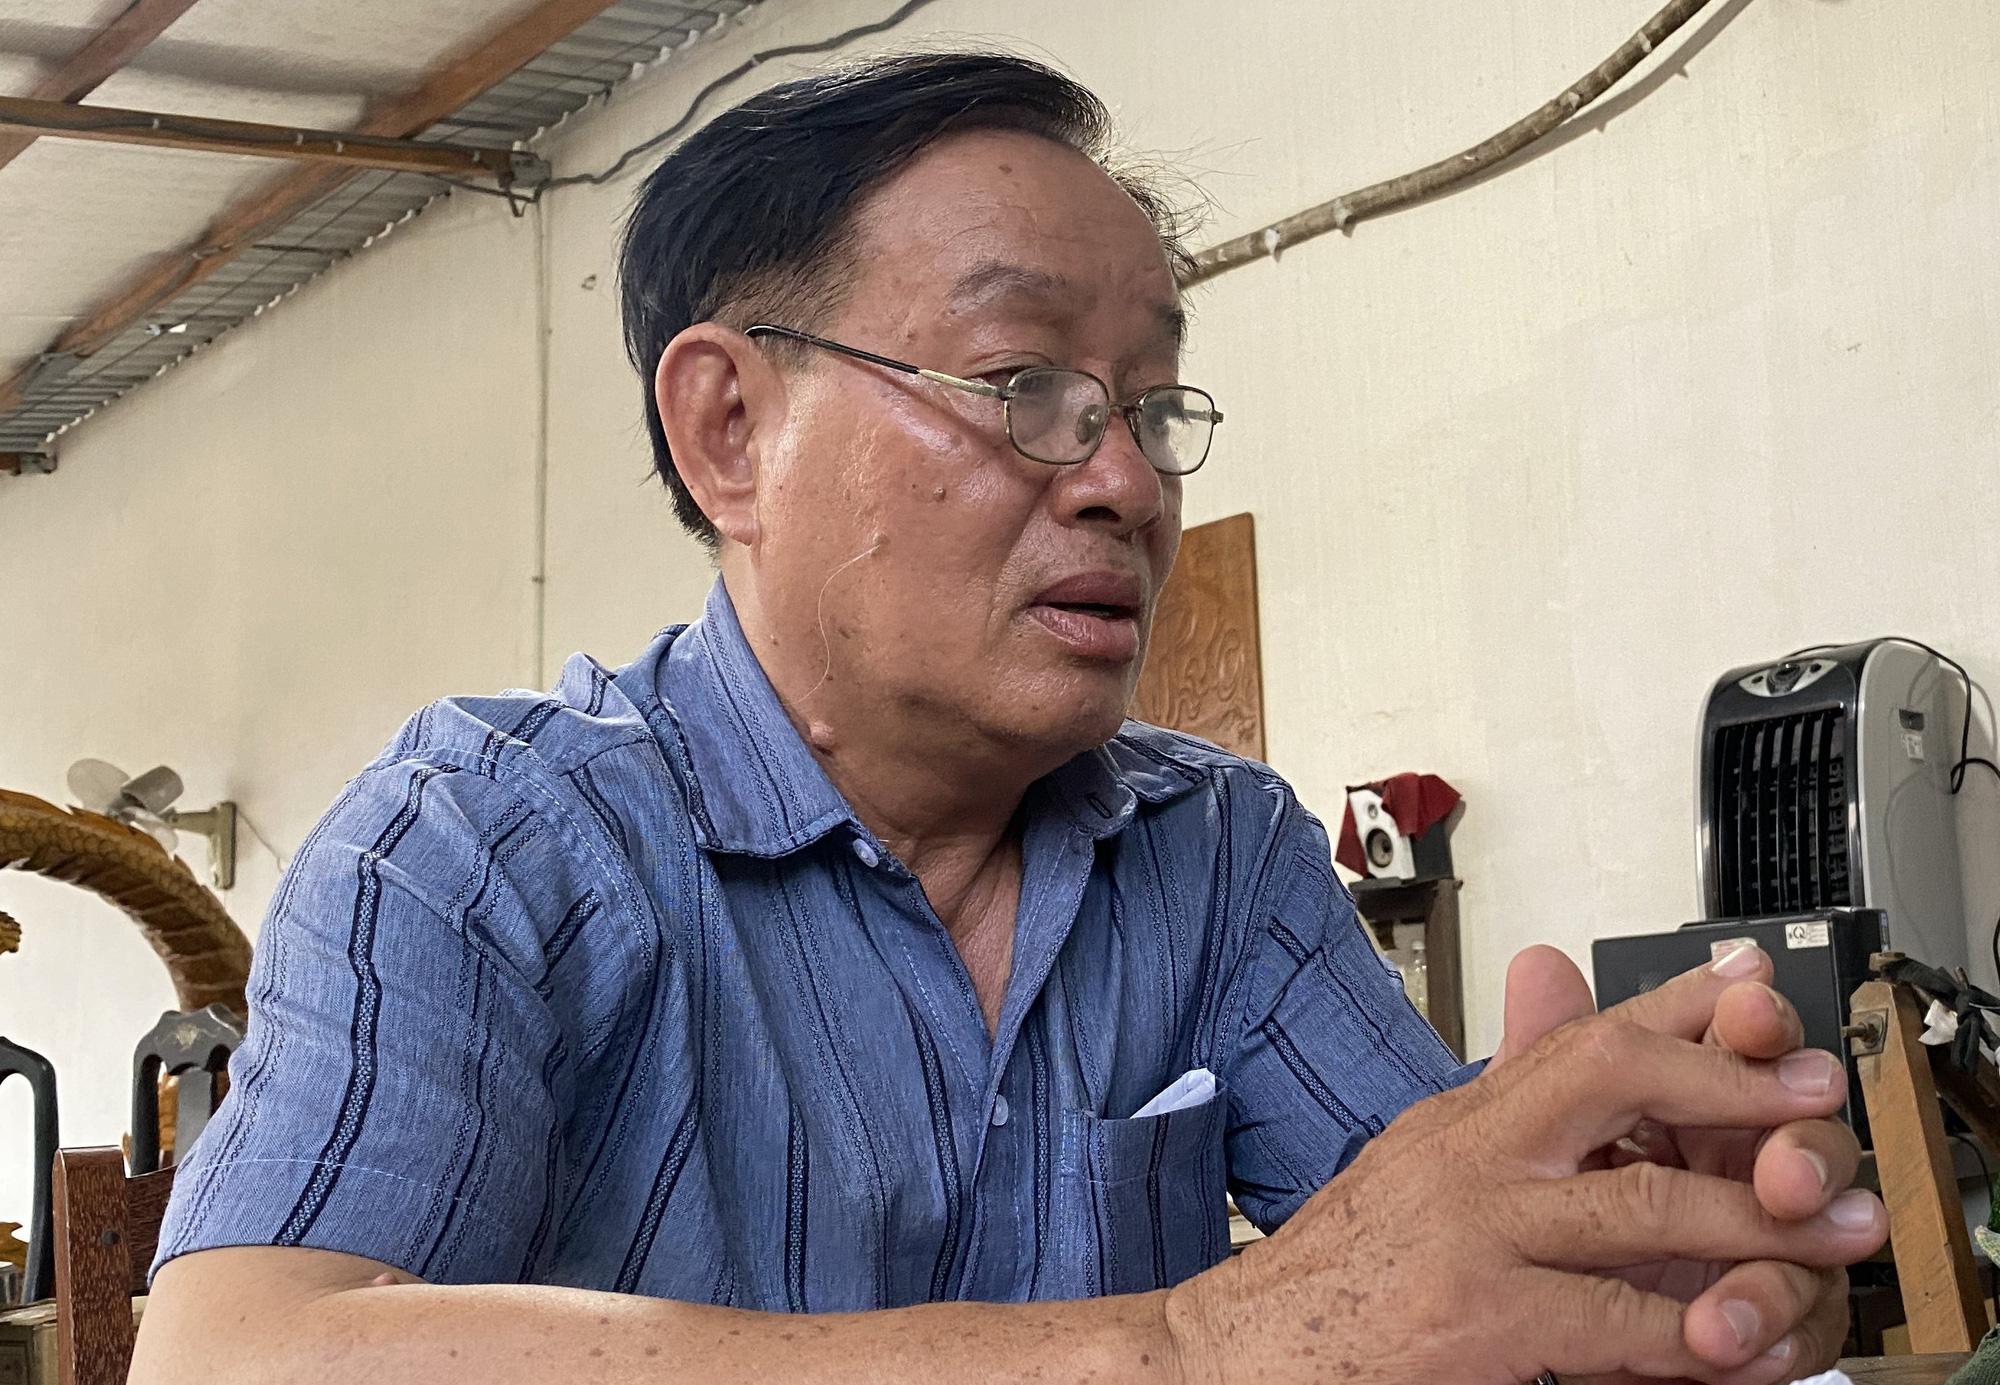 """Nhân chứng vụ án mạng Giám đốc Bệnh viện Cai Lậy bị tình nghi liên quan: """"Tôi không nghĩ là đâm nhầm"""" - Ảnh 1."""